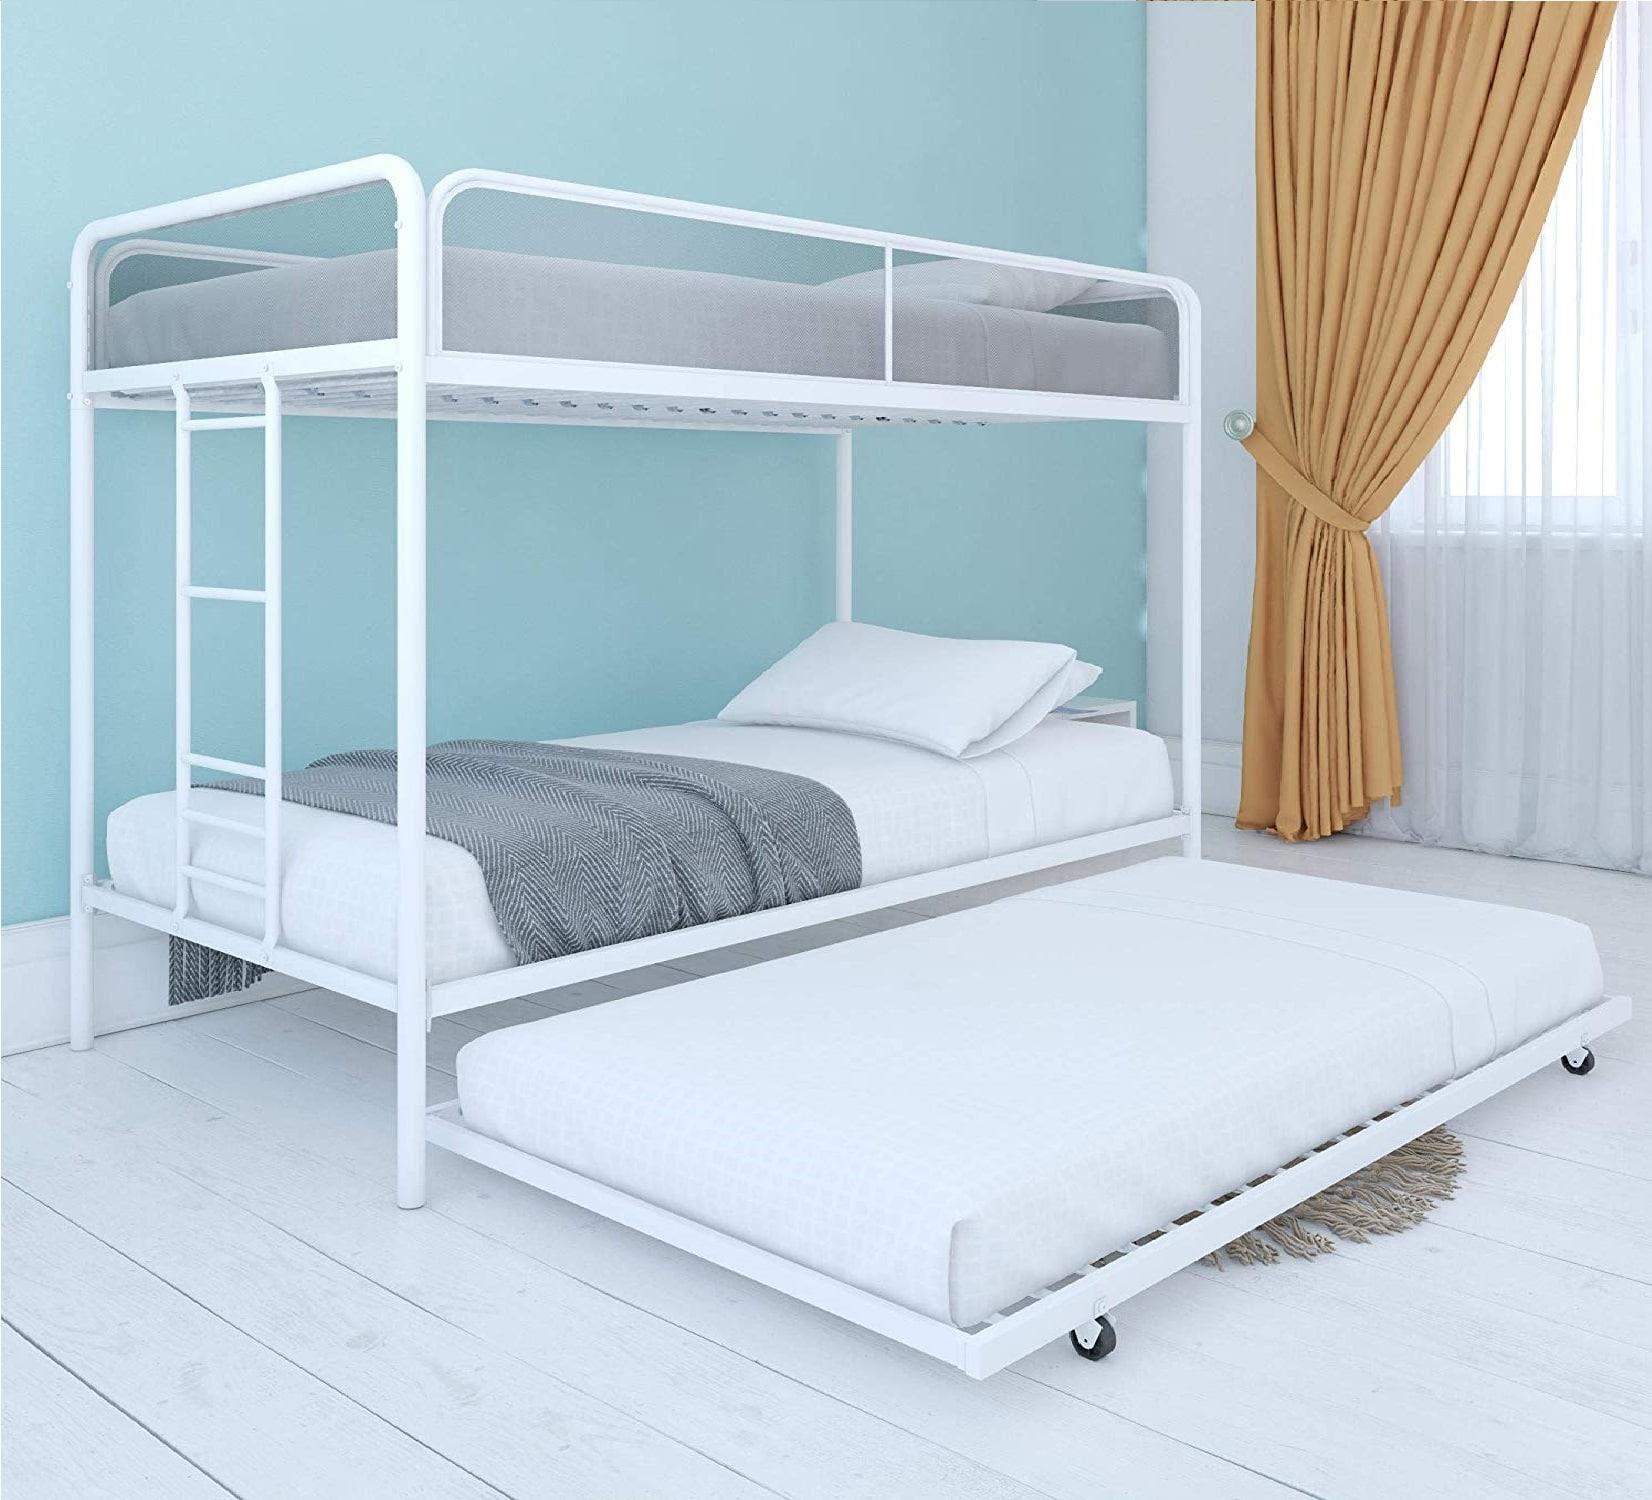 3.DHP Triple Metal Bunk Bed Frame, White